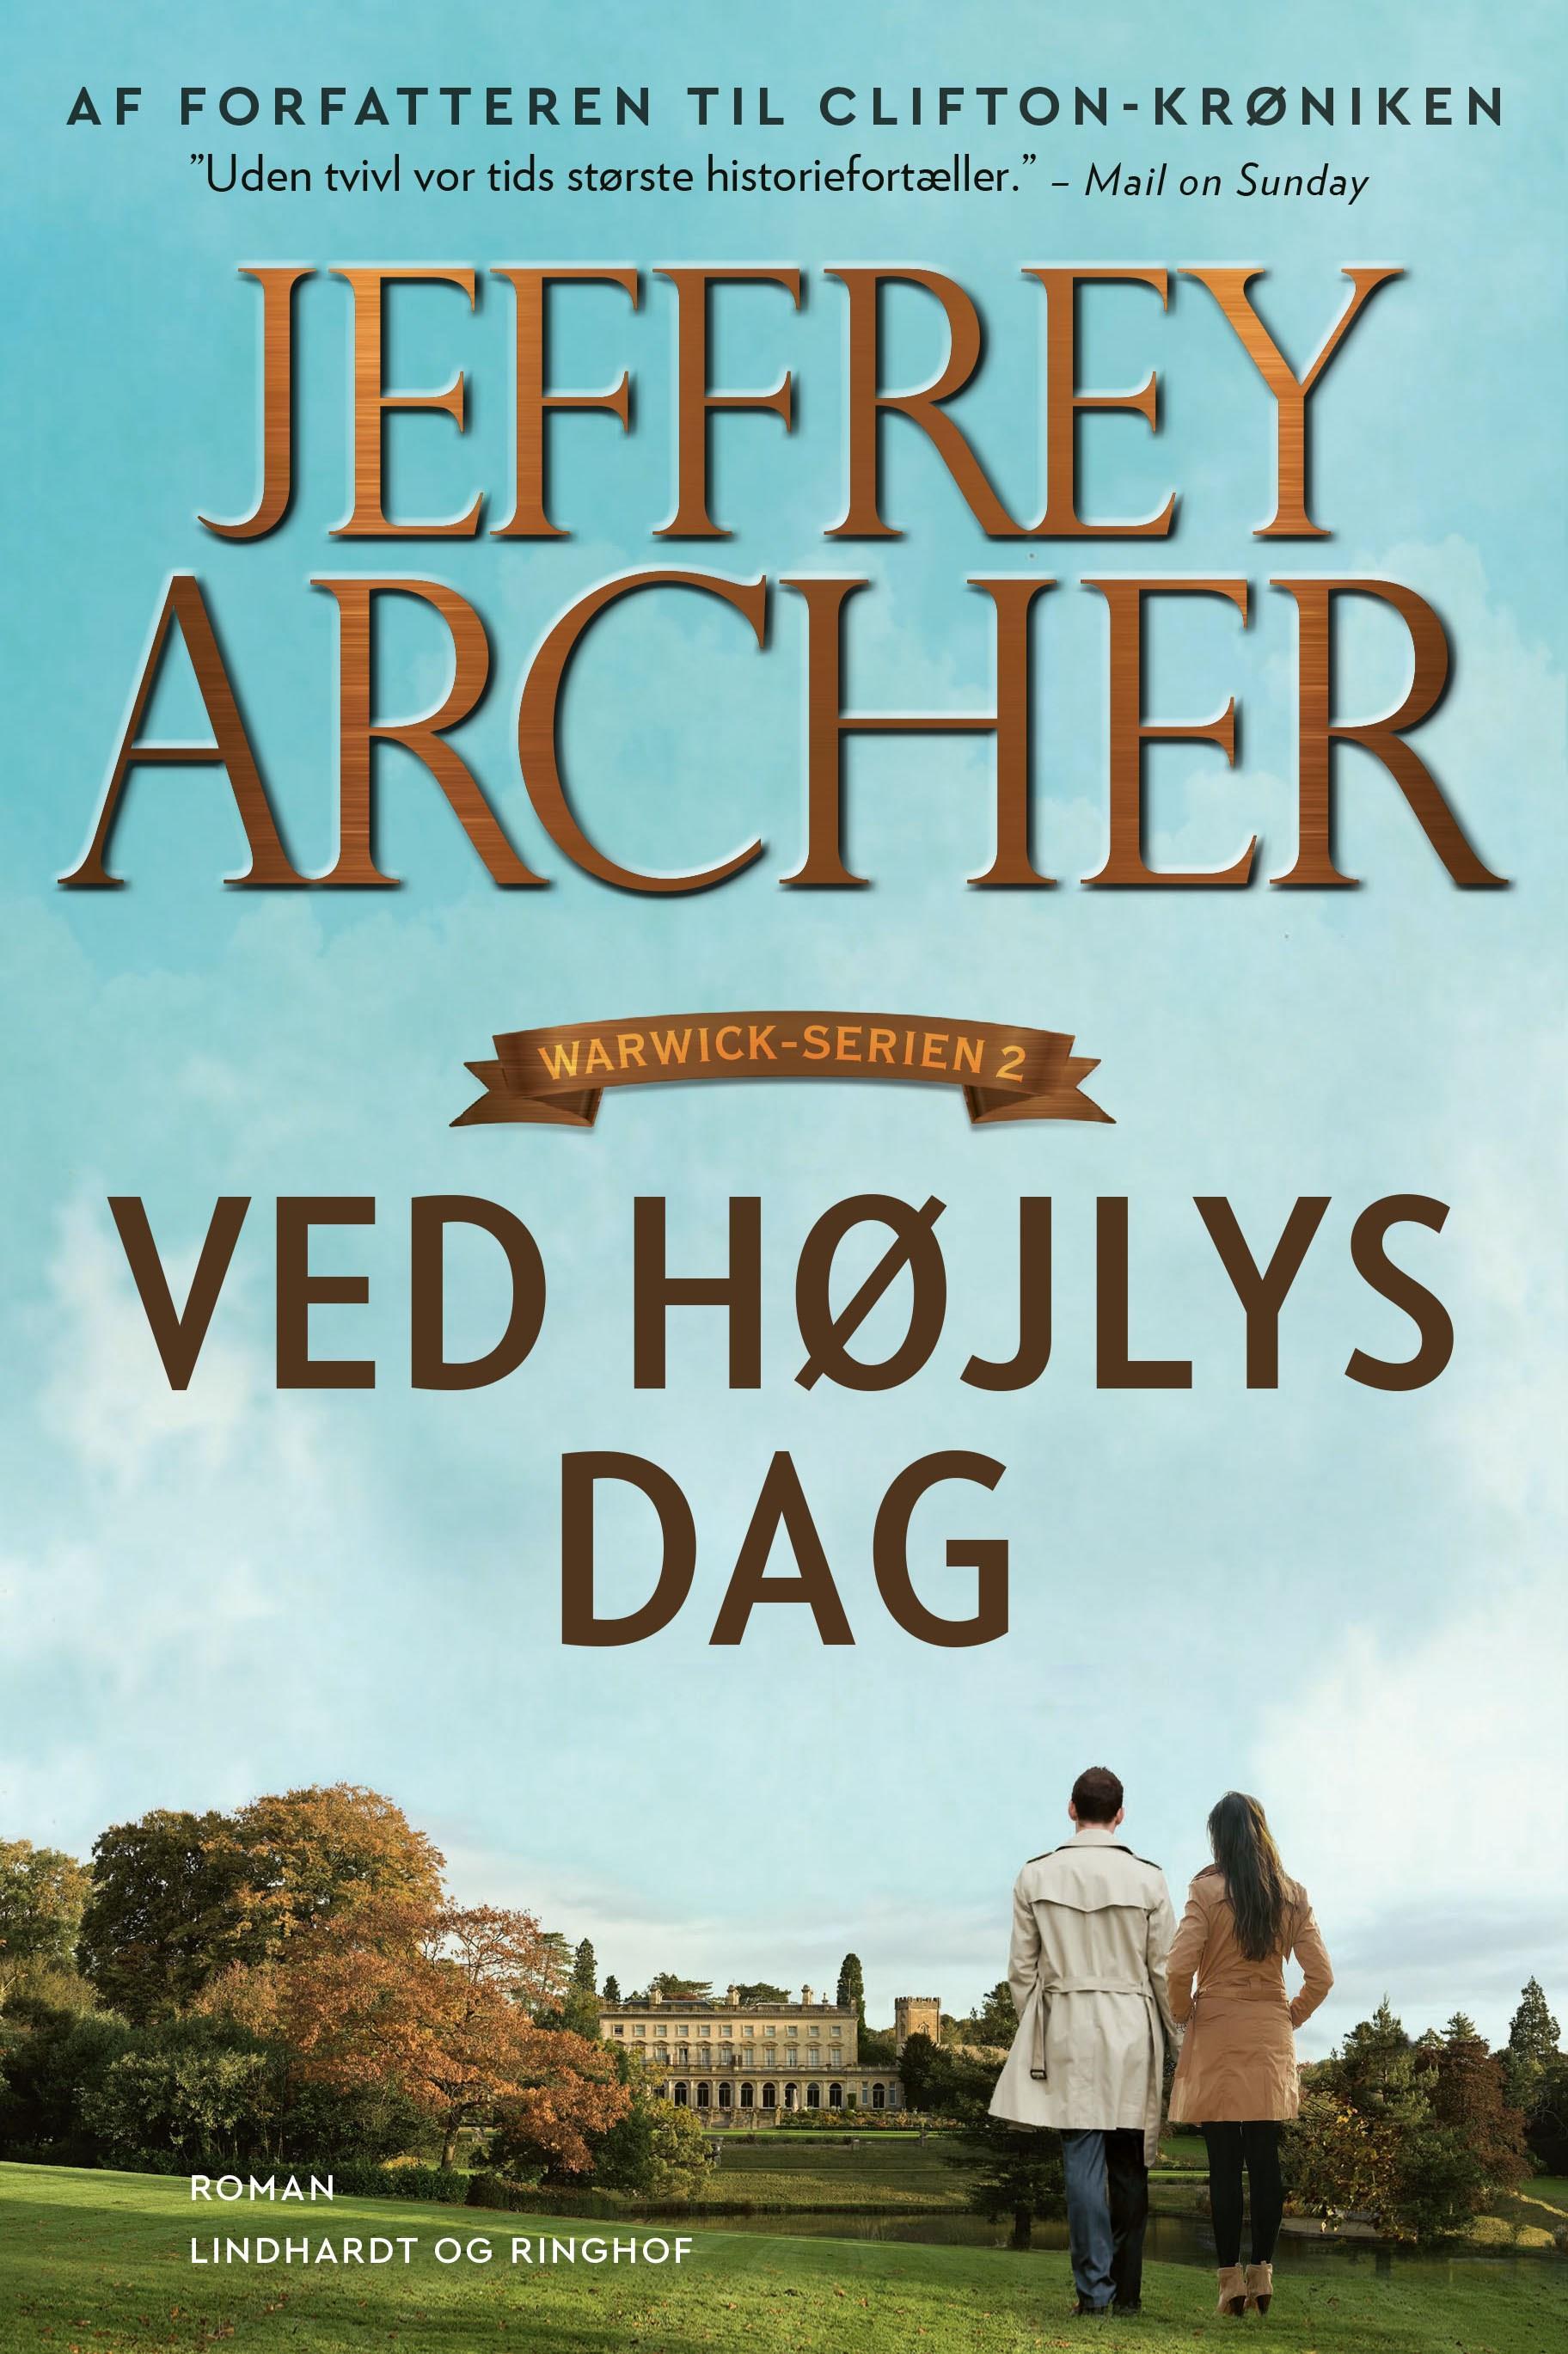 Warwick-serien: Ved højlys dag - Jeffrey Archer - Bøger - Lindhardt og Ringhof - 9788711980248 - 27/11-2020